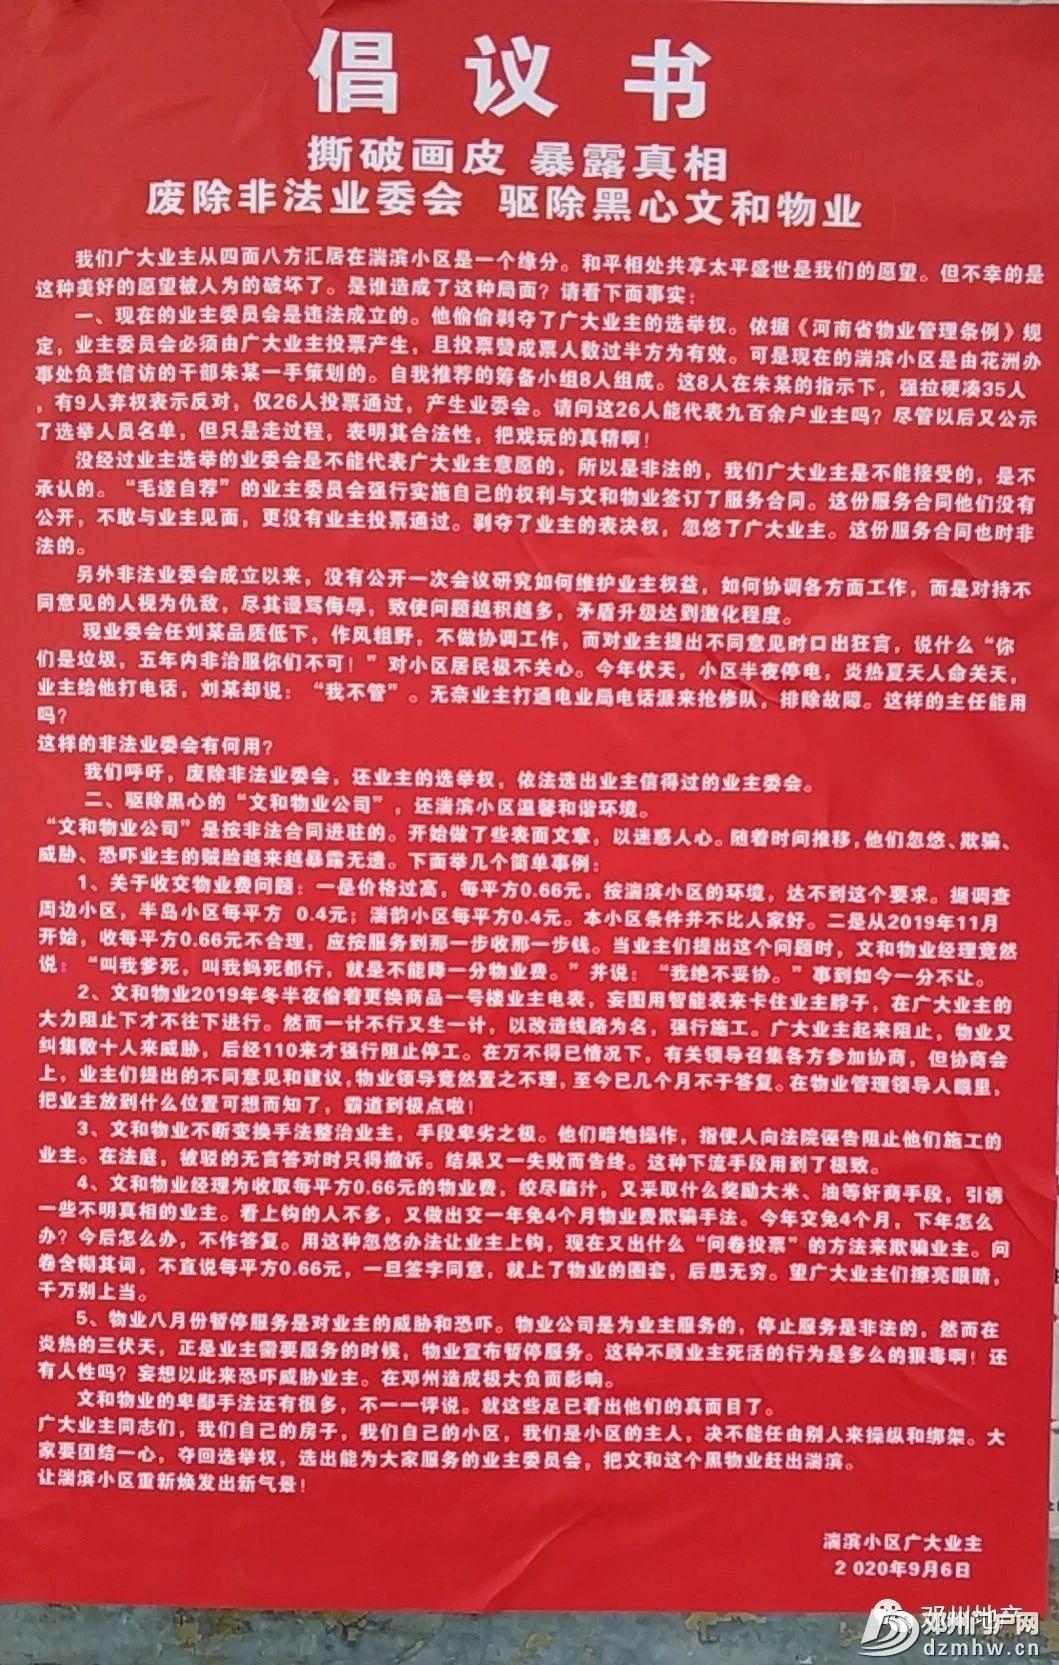 湍滨小区广大业主倡议书: 撕破画皮暴露真相 废除非法业委会驱除黑心文和物业 - 邓州门户网|邓州网 - cbf4a67ac34f5d1c1d253c19ac520f61.jpg